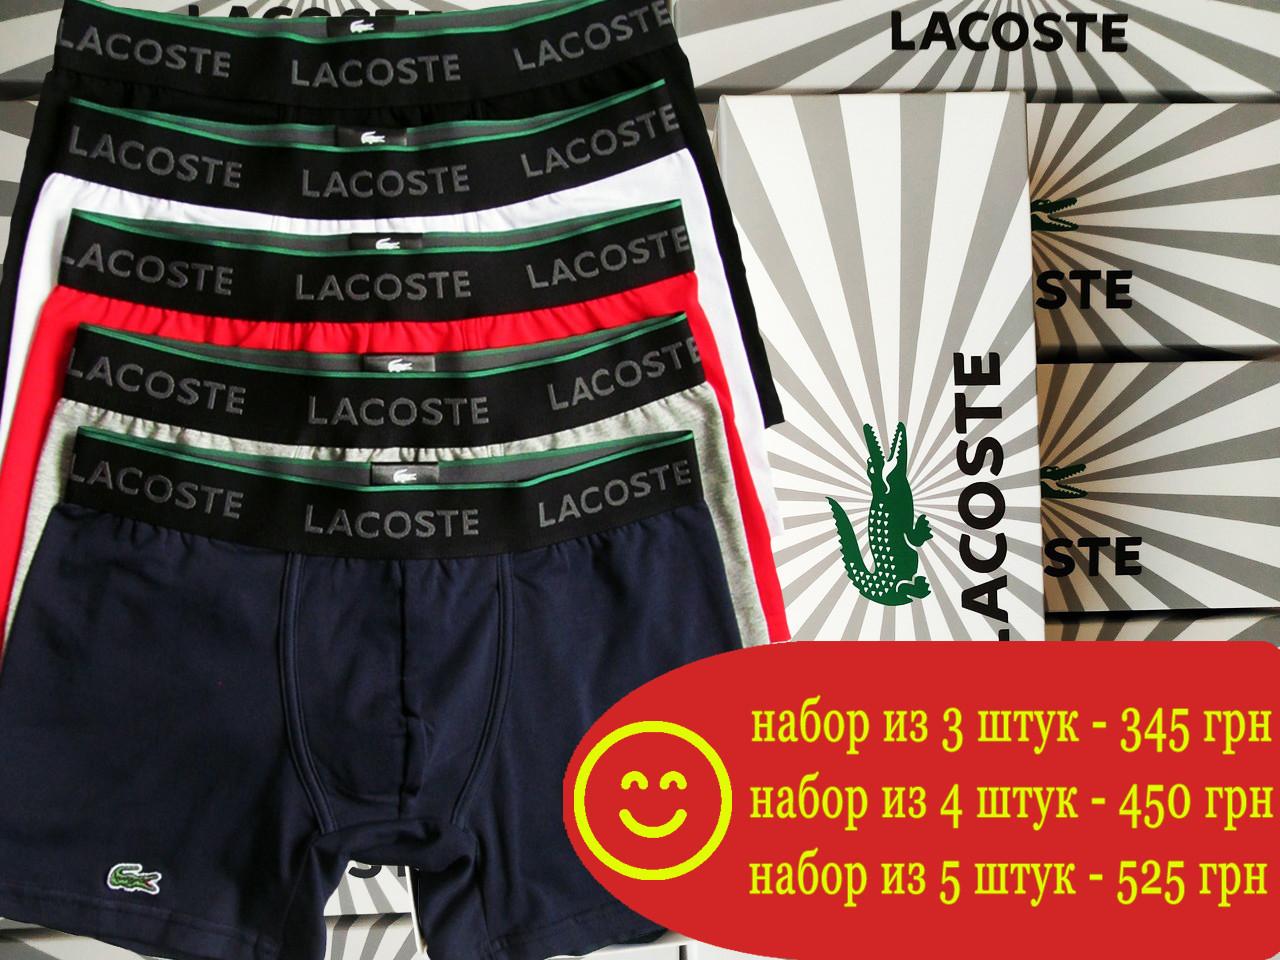 Набор мужские трусы боксёры удлиненных Lacoste (реплика) в брендовой подарочной коробке